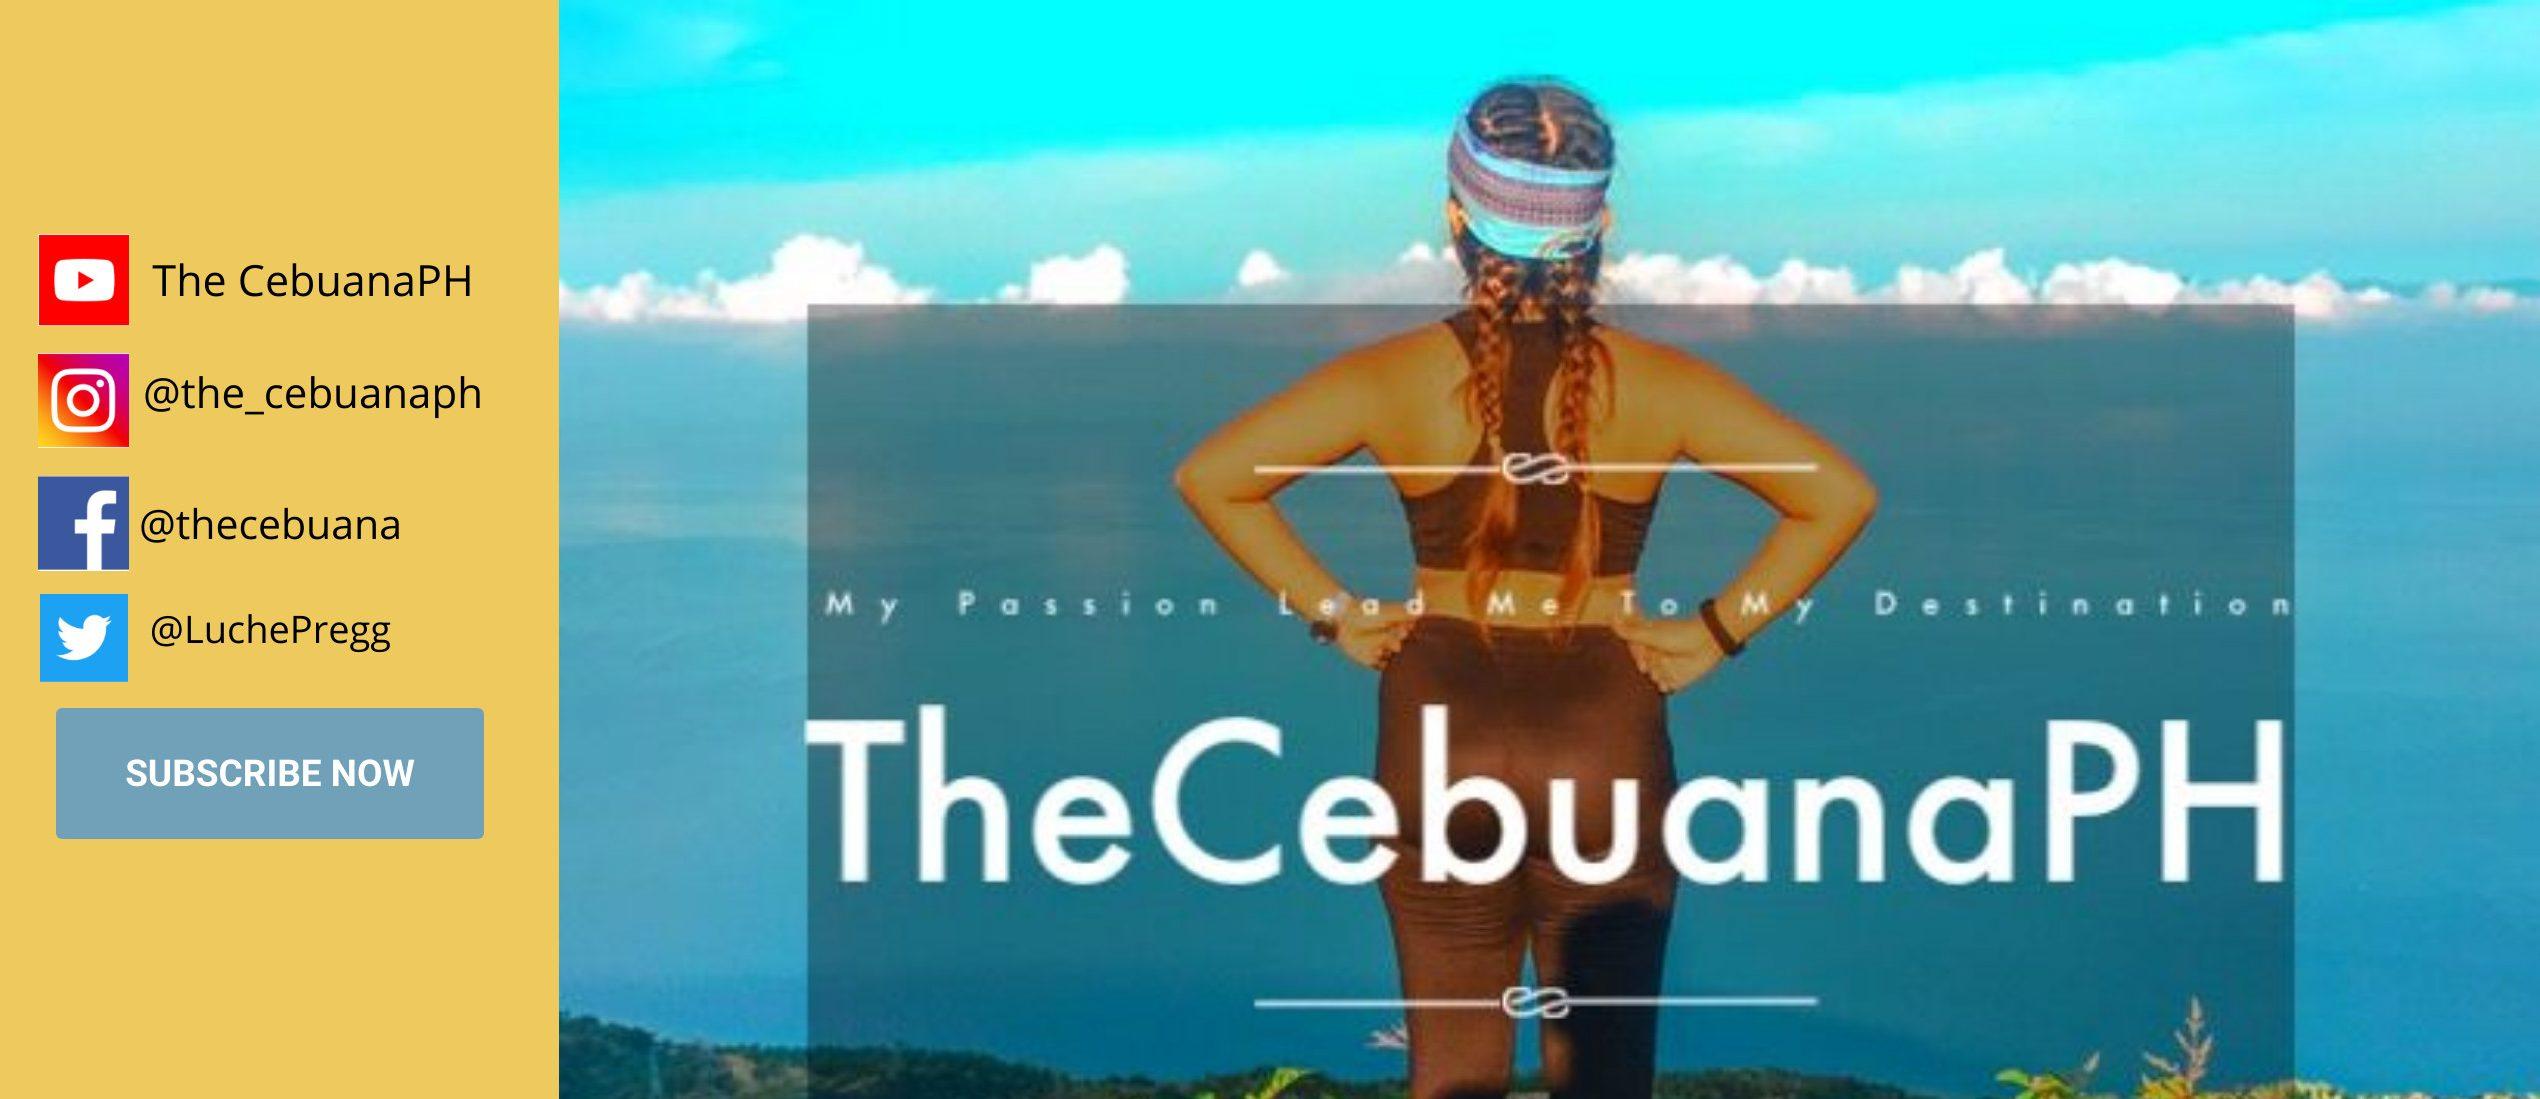 TheCebuanaph